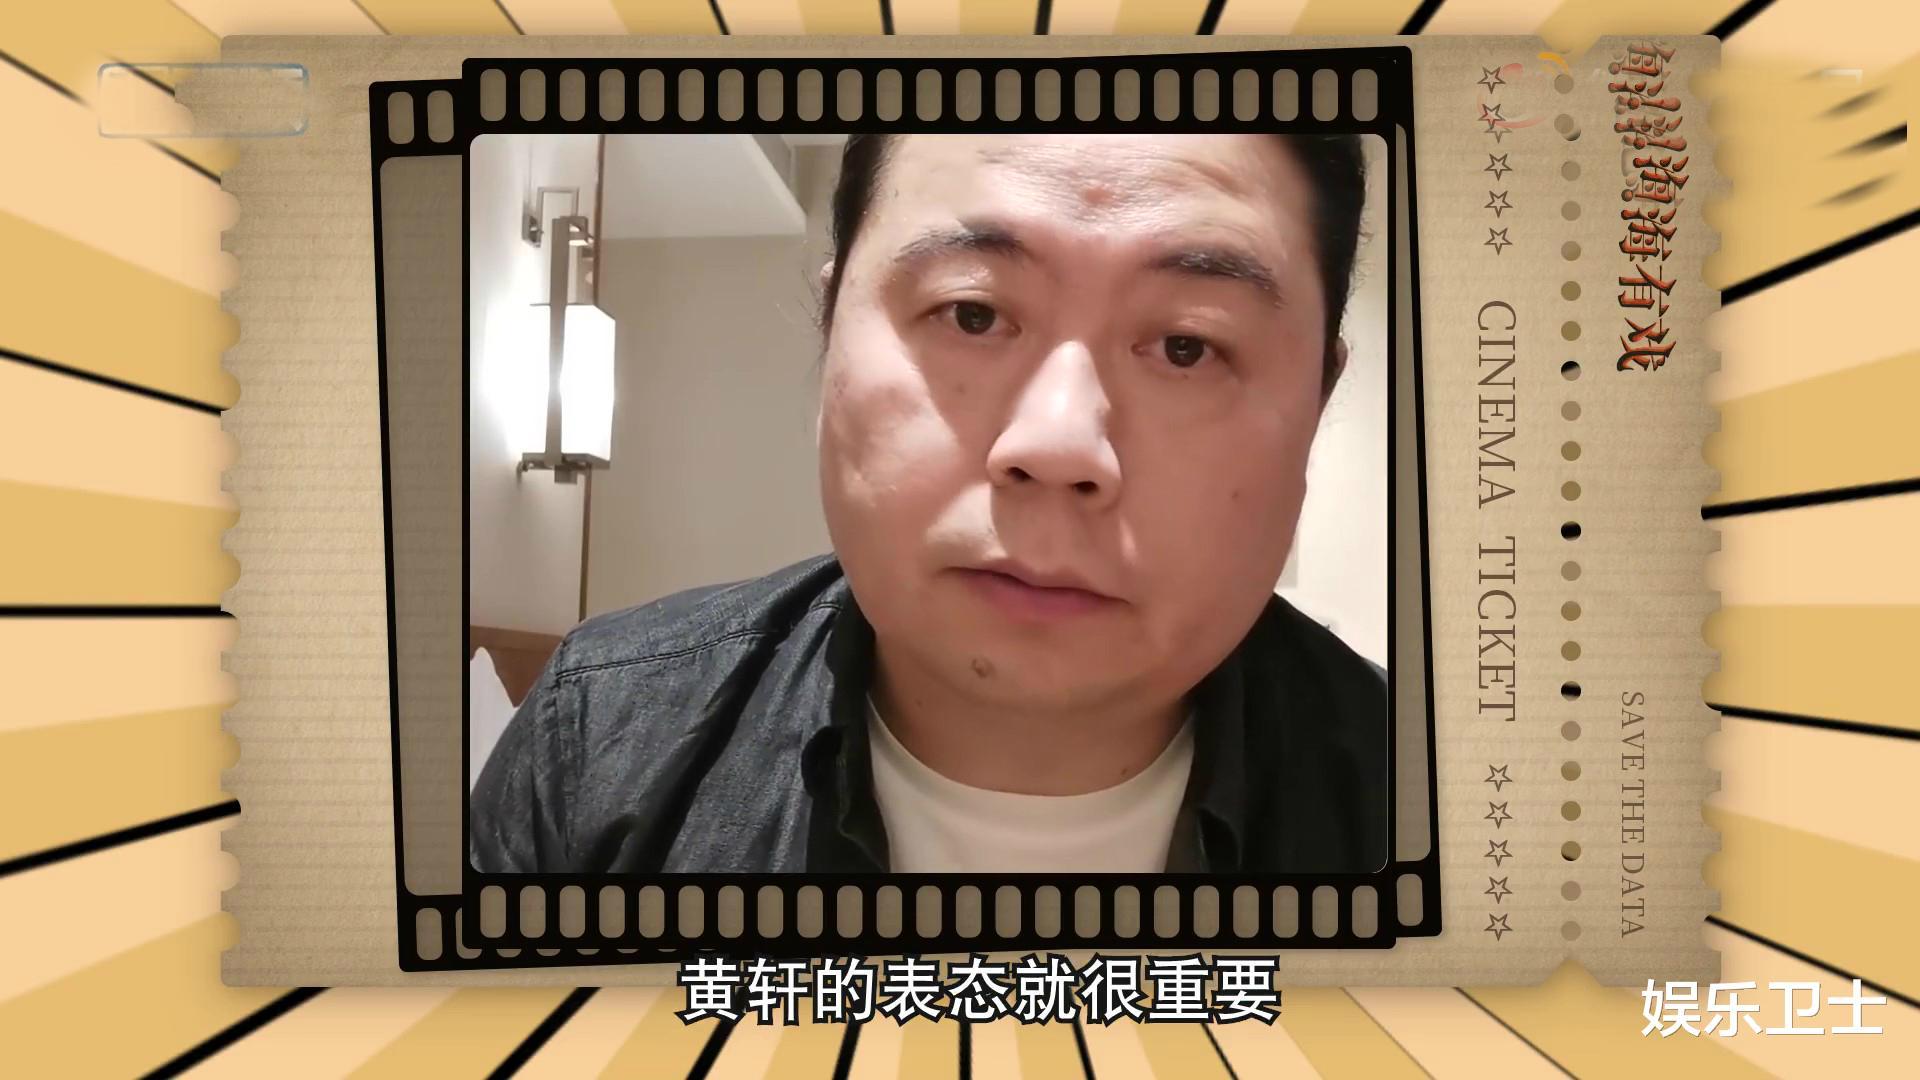 知名編劇汪海林點評解約事件, 表揚張藝興黃軒, 評肖戰代言李寧卻太無語-圖5